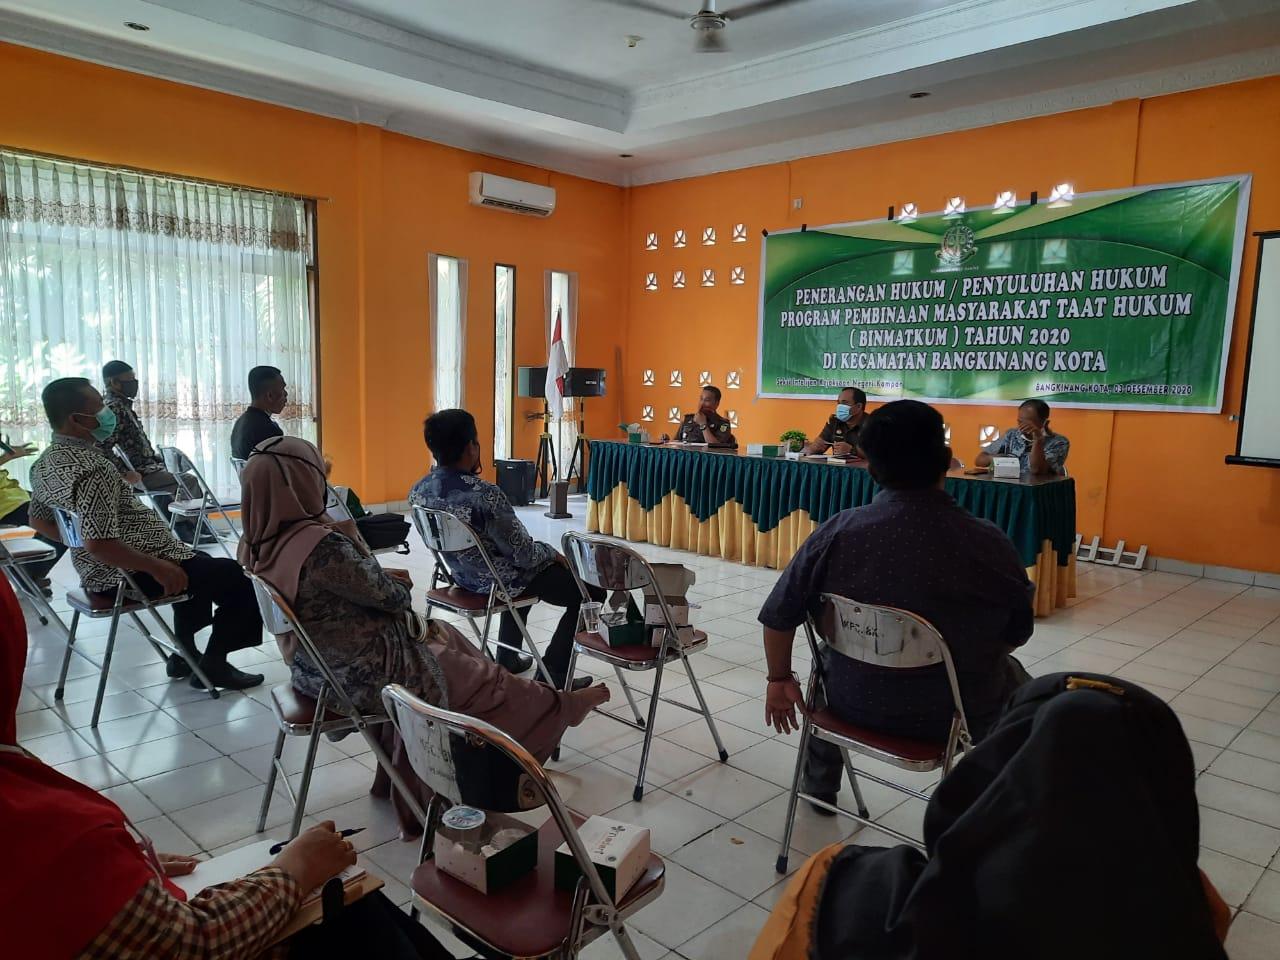 Kejari Kampar Gelar Penyuluhan Hukum Binmatkum Bagi Desa Desa yang ada di Kecamatan Bangkinang Kota